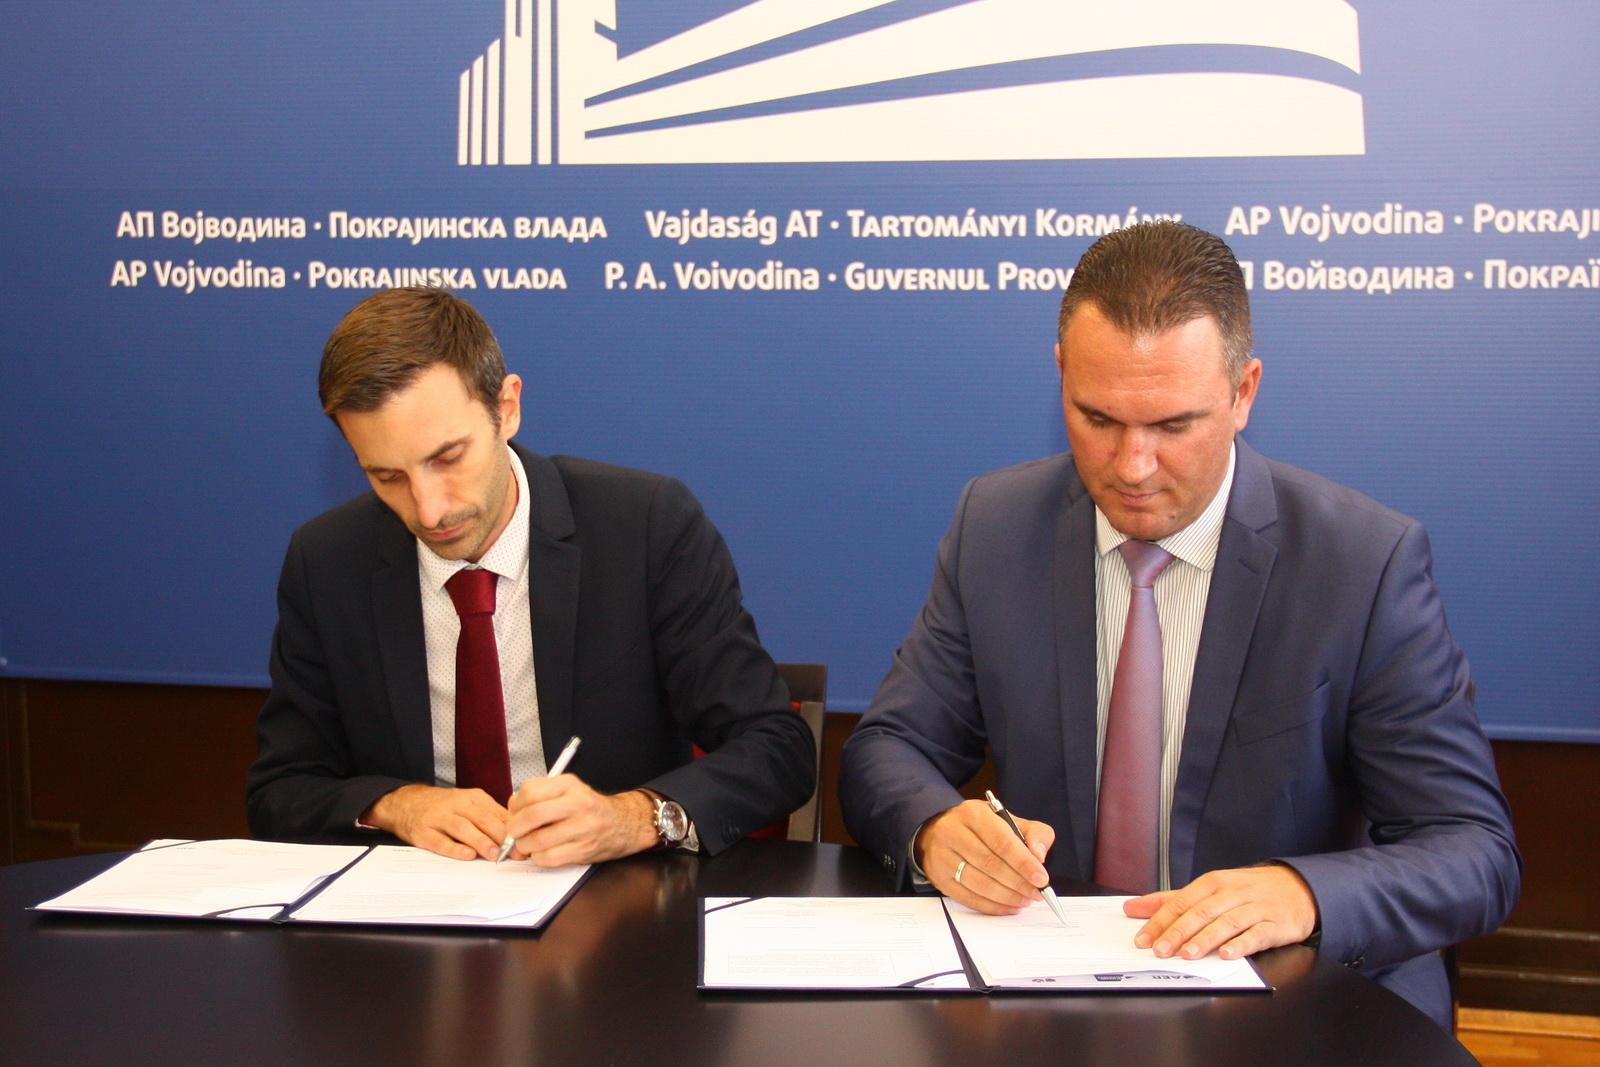 1-svecano-potpisivanje-ugovora-metju-mori-levo